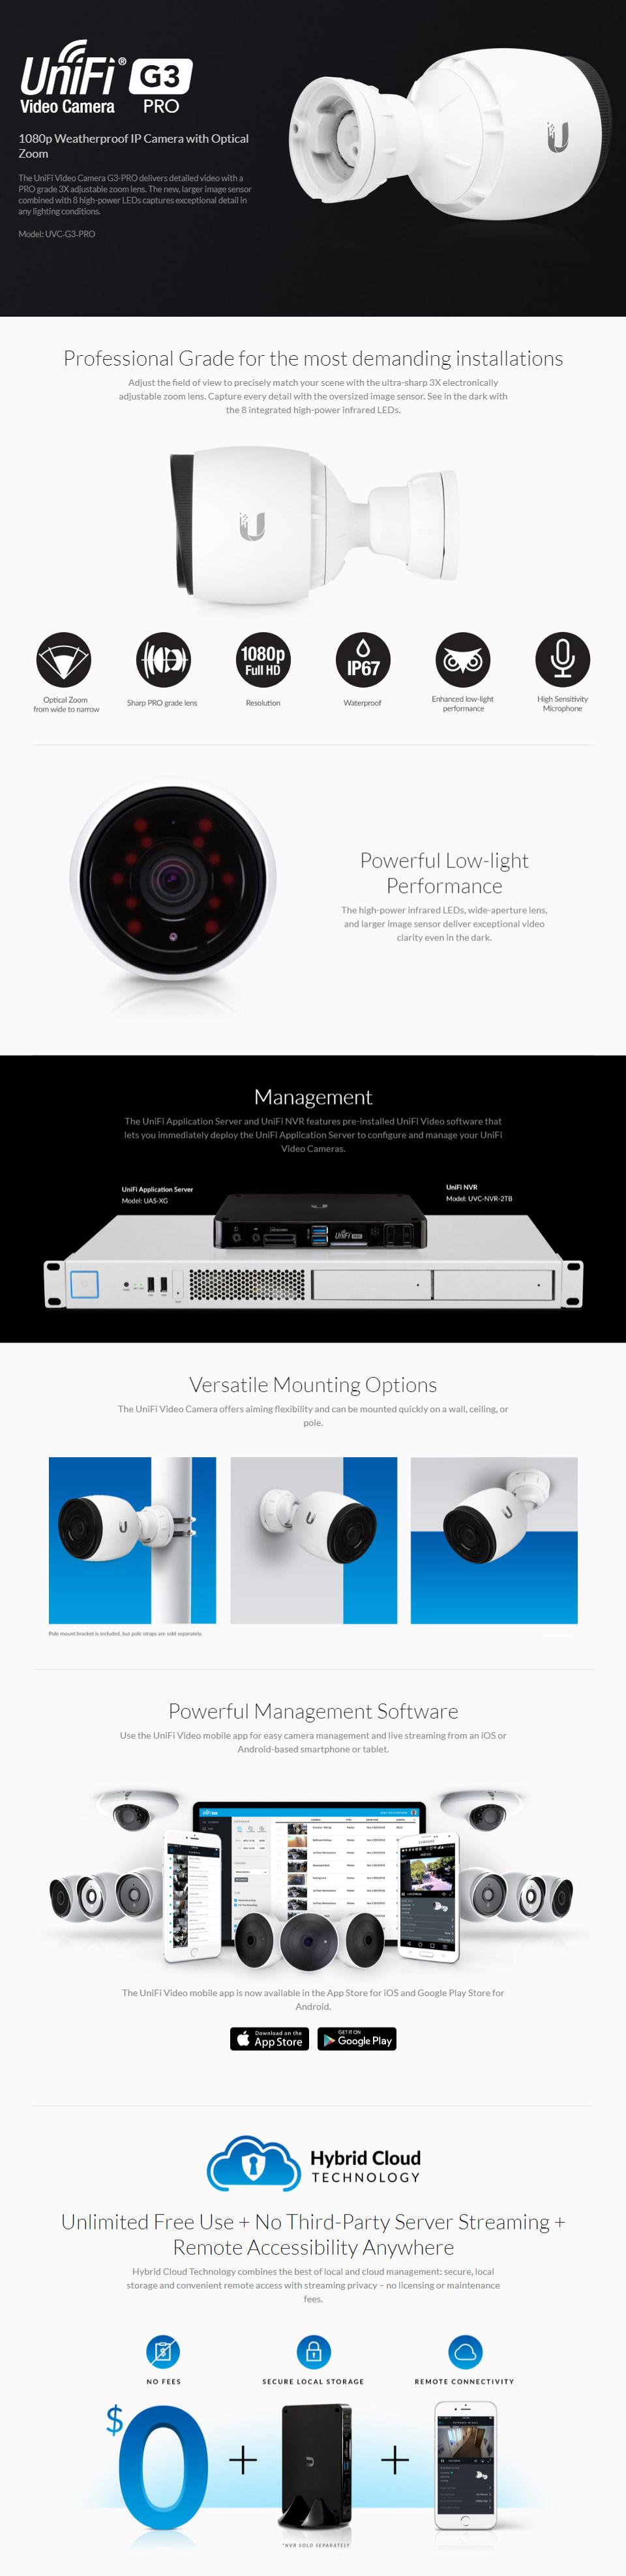 Ubiquiti UniFi Video Camera G3 Infared Pro